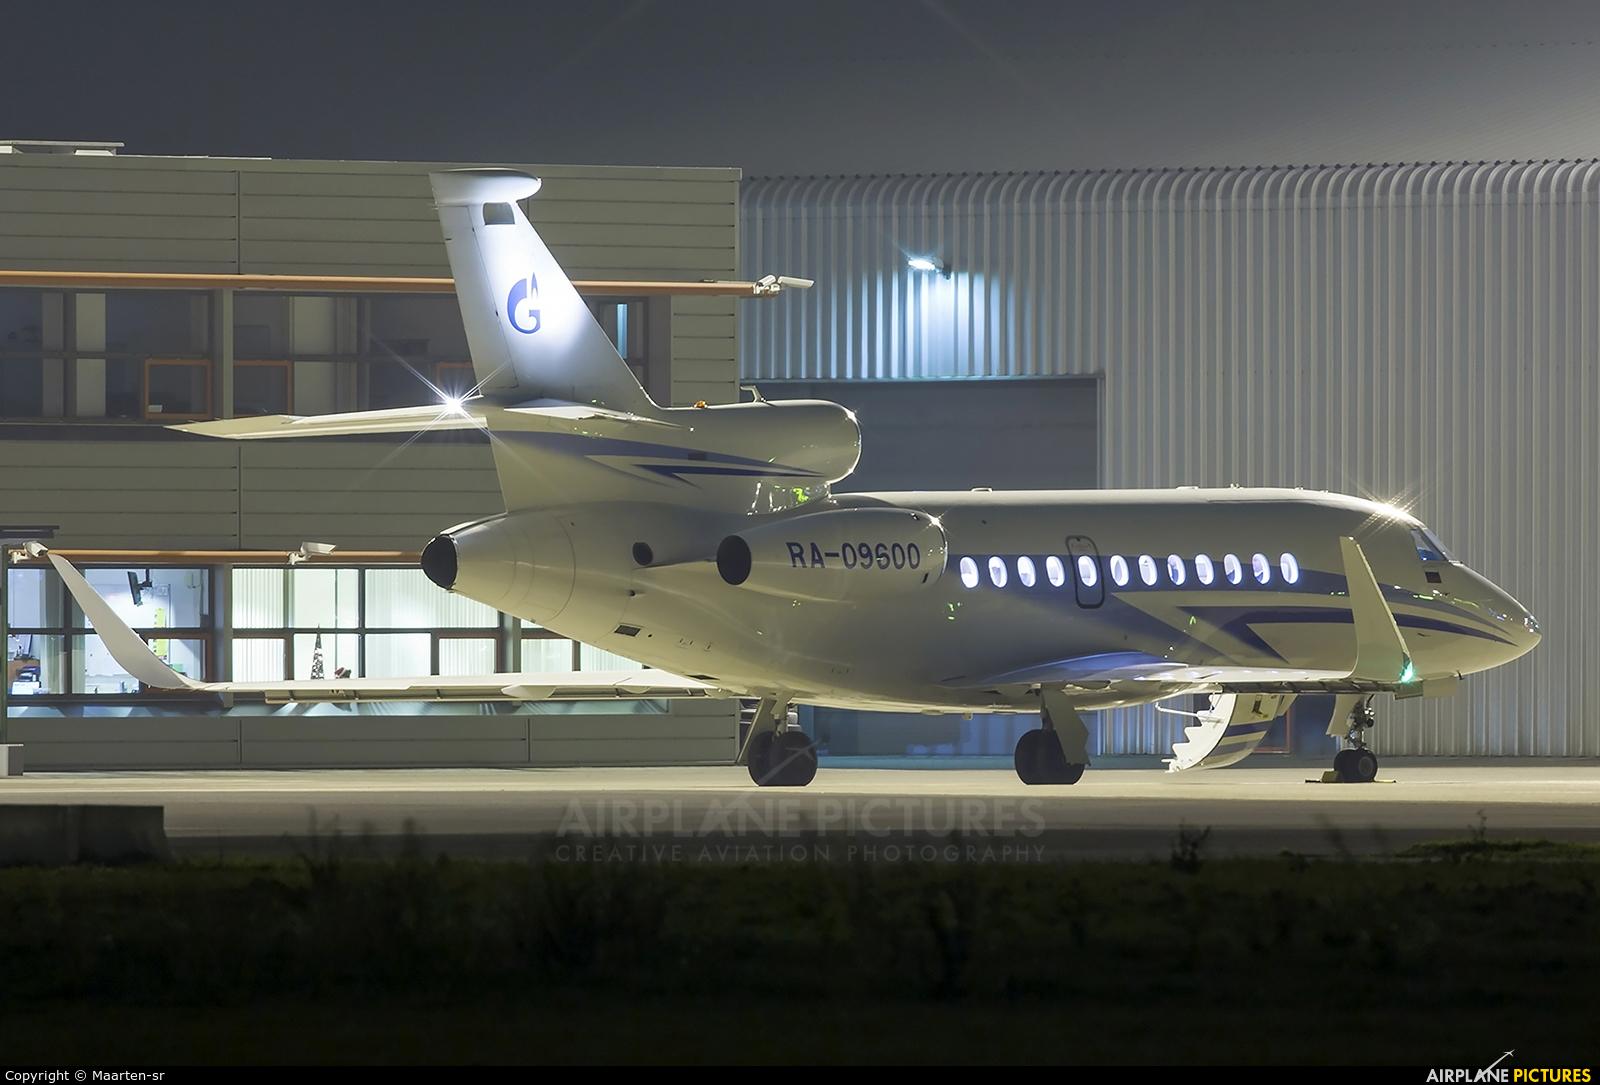 Gazpromavia RA-09600 aircraft at Rotterdam